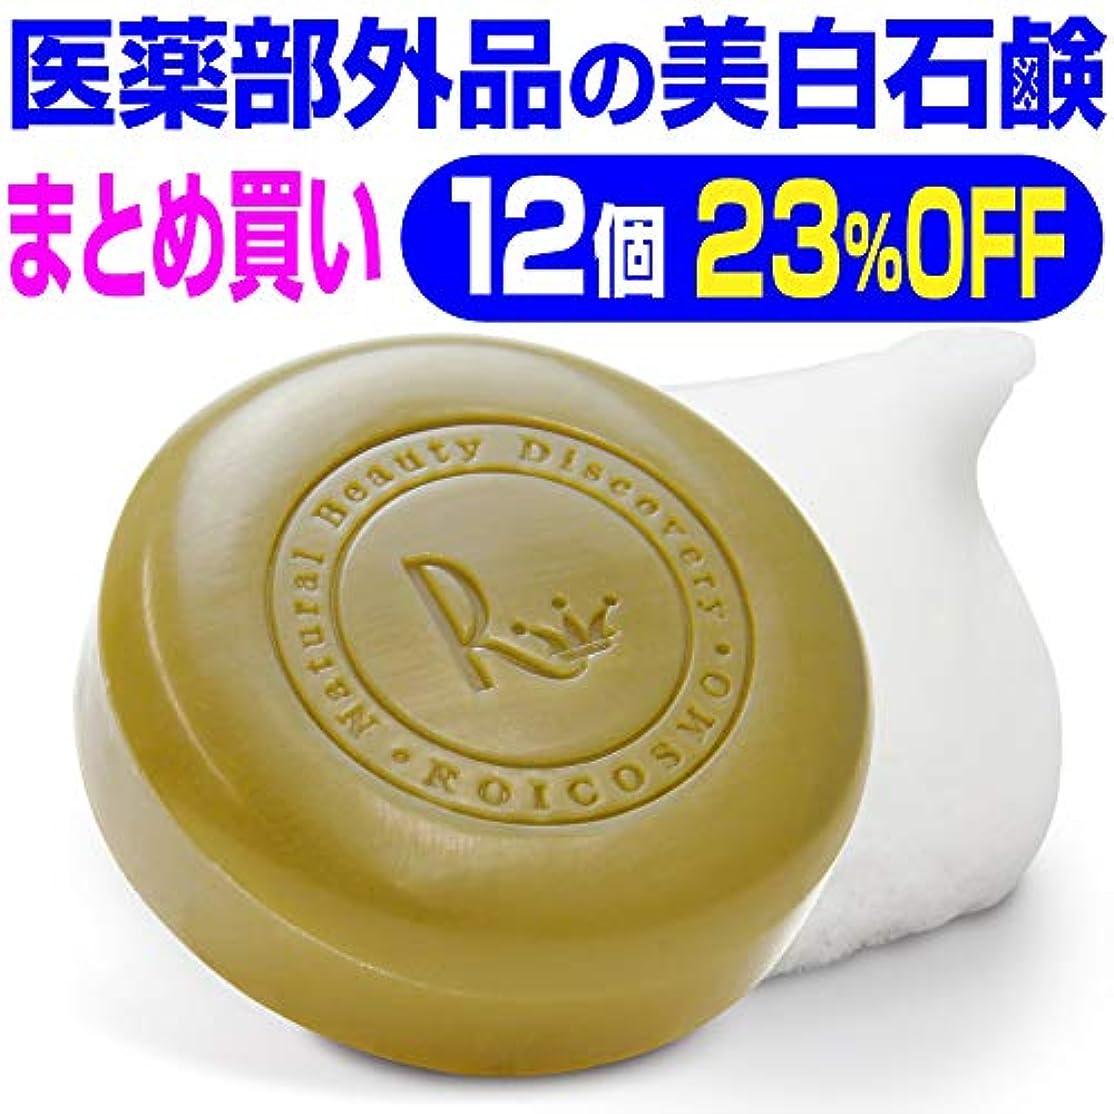 ペア戦う関税12個まとめ買い23%OFF 美白石鹸/ビタミンC270倍の美白成分配合の 洗顔石鹸『ホワイトソープ100g×12個』